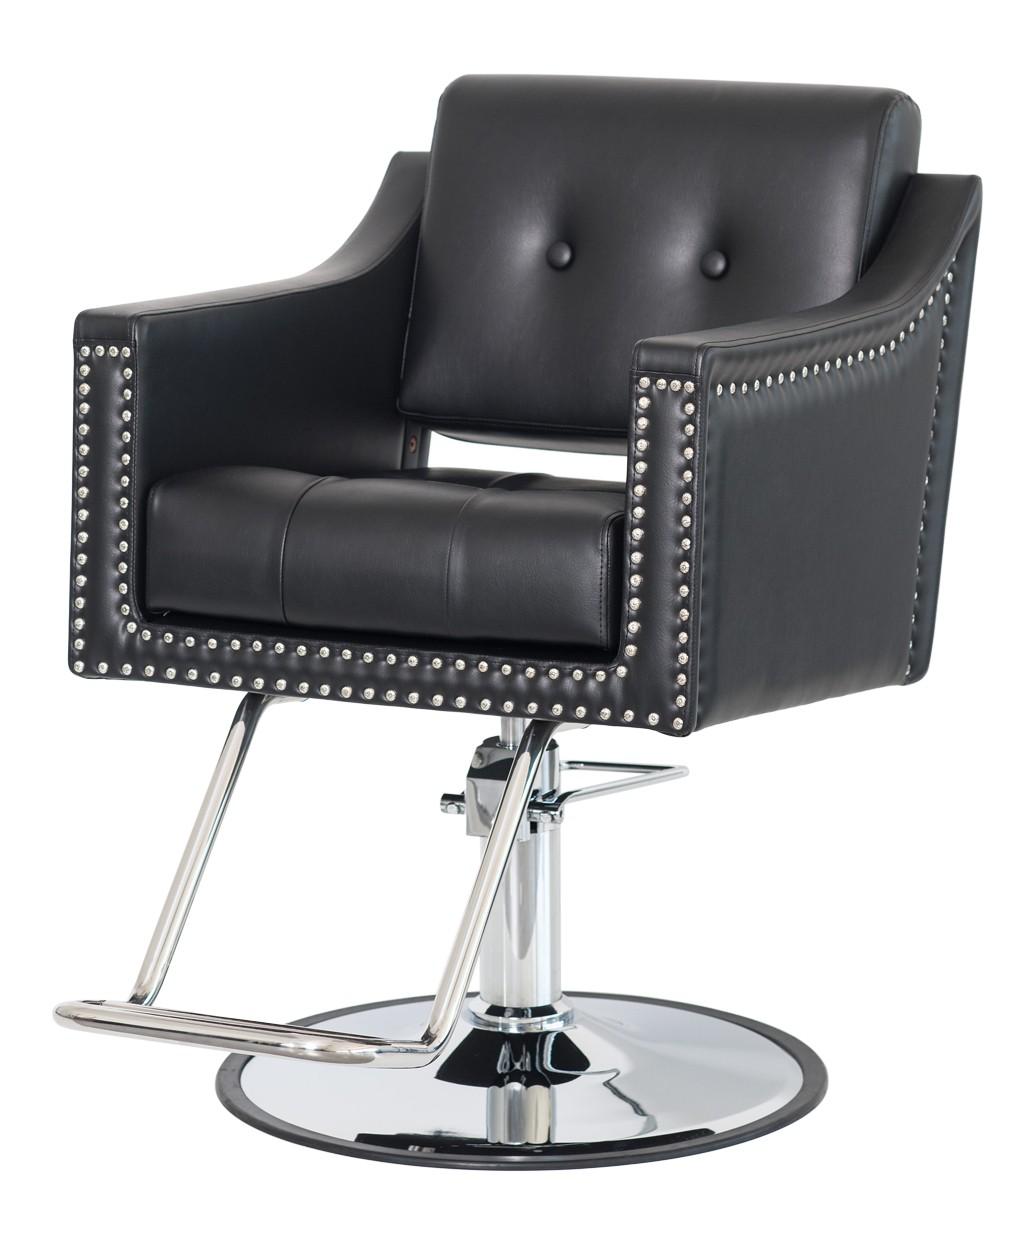 revolving chair for salon hush pod hairdresser bestdressers 2017